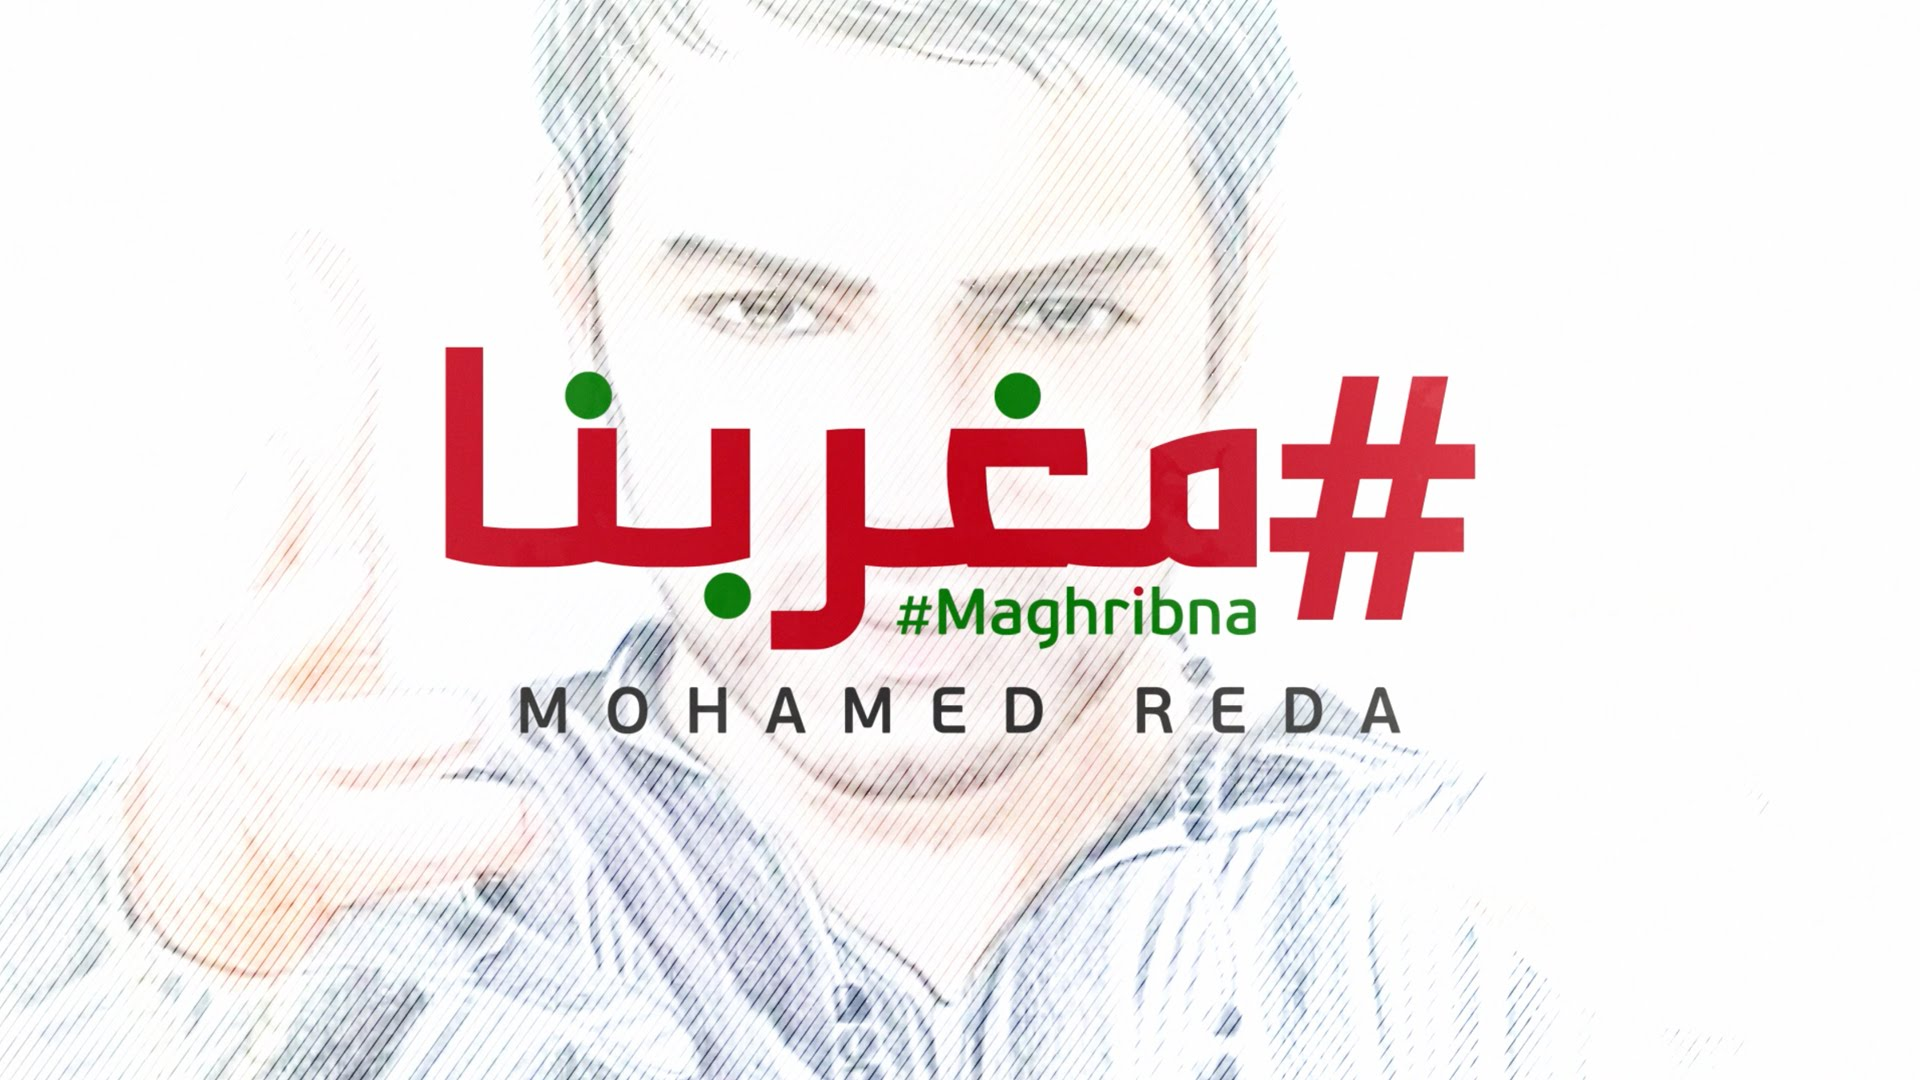 بعد ست سنوات.. محمد رضا يعيد طرح أغنية «مغربنا» بكليب جديد